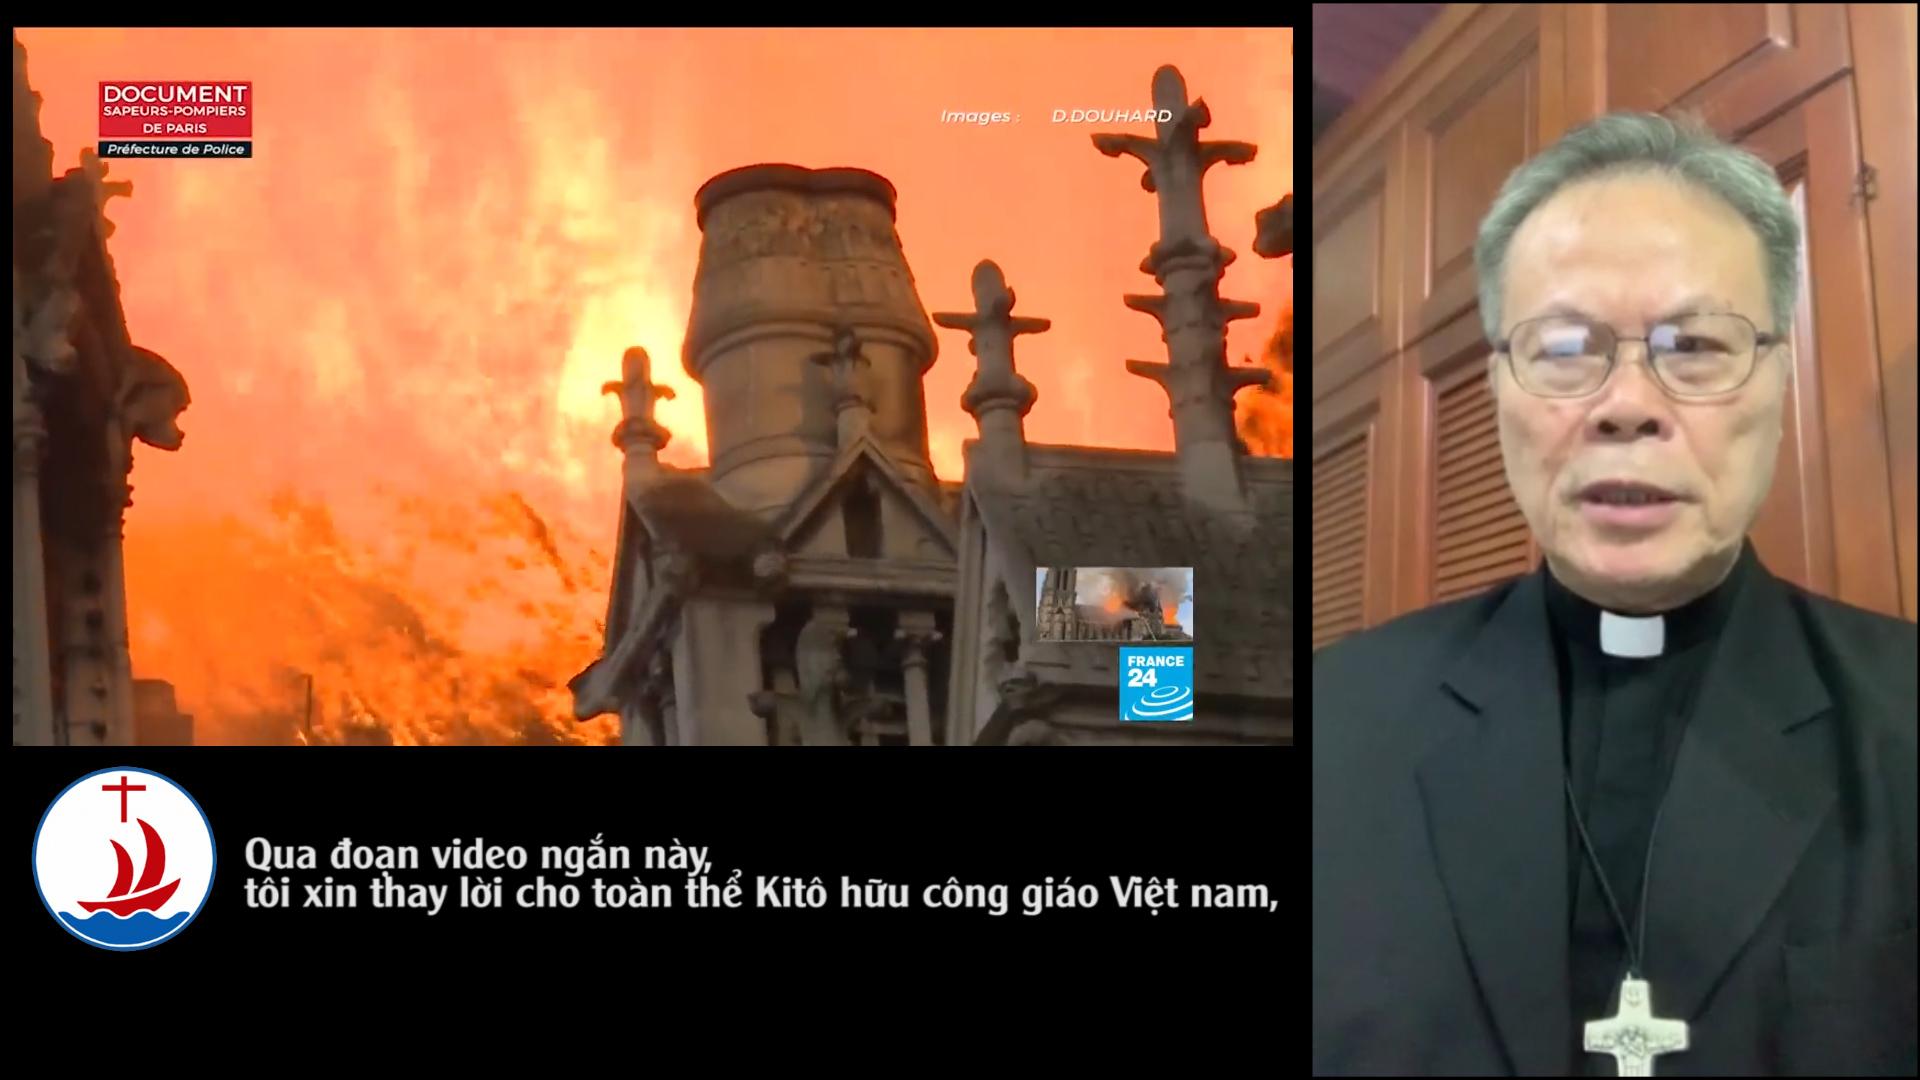 Nhà thờ Đức Bà Paris bị cháy: ĐTGM Giuse Nguyễn Chí Linh hiệp thông với Giáo Hội Pháp